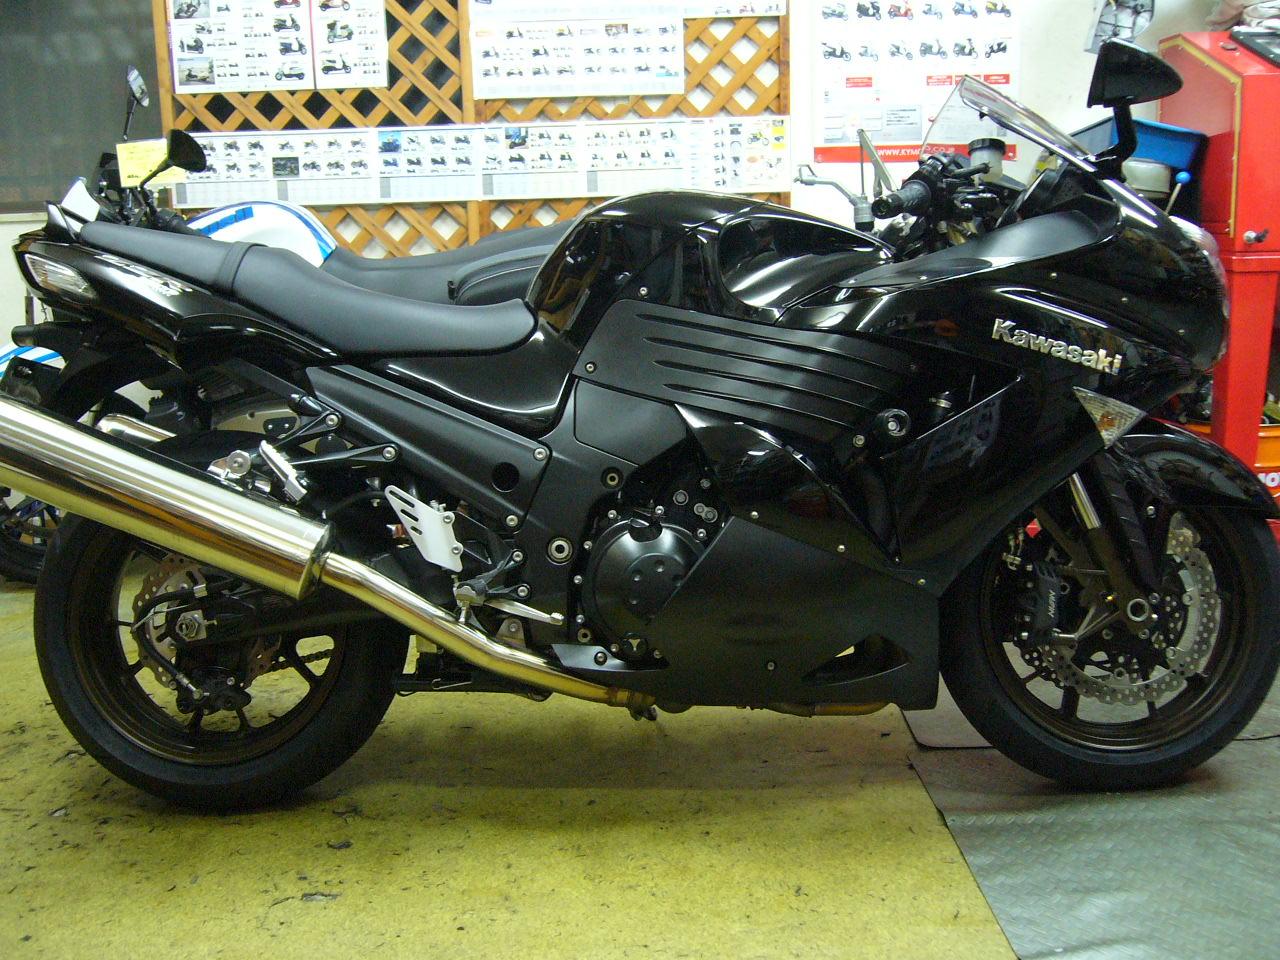 ZZ-R1400&ninja400R_b0133403_1027412.jpg